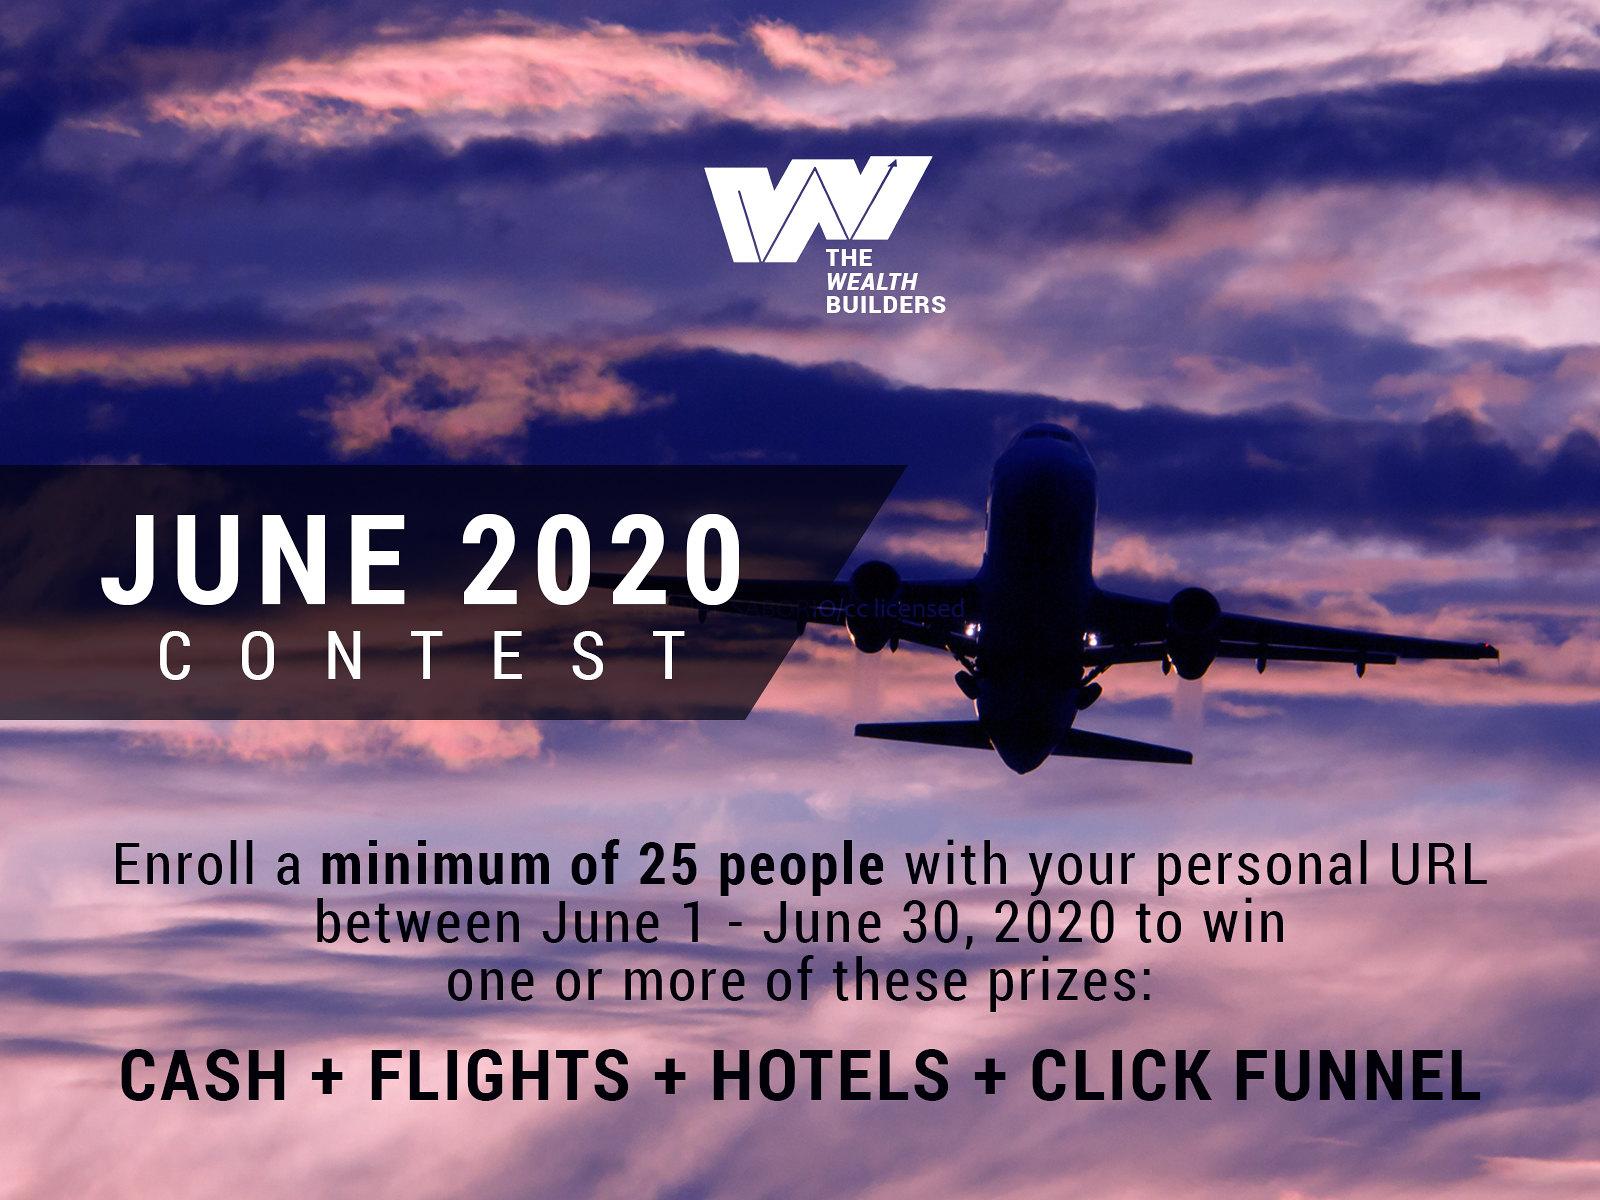 June 2020 Contest Flyer